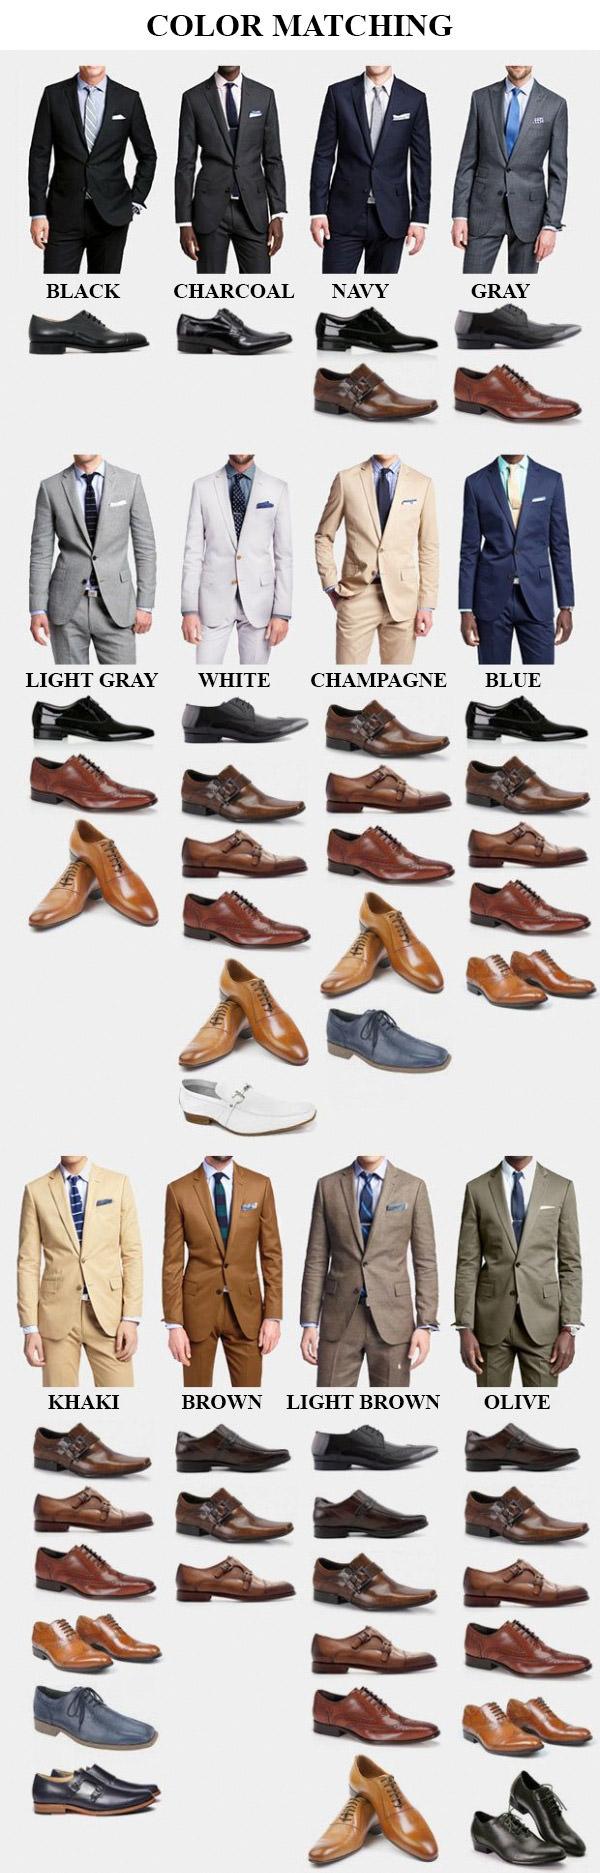 giày tây nâu phối trang phục